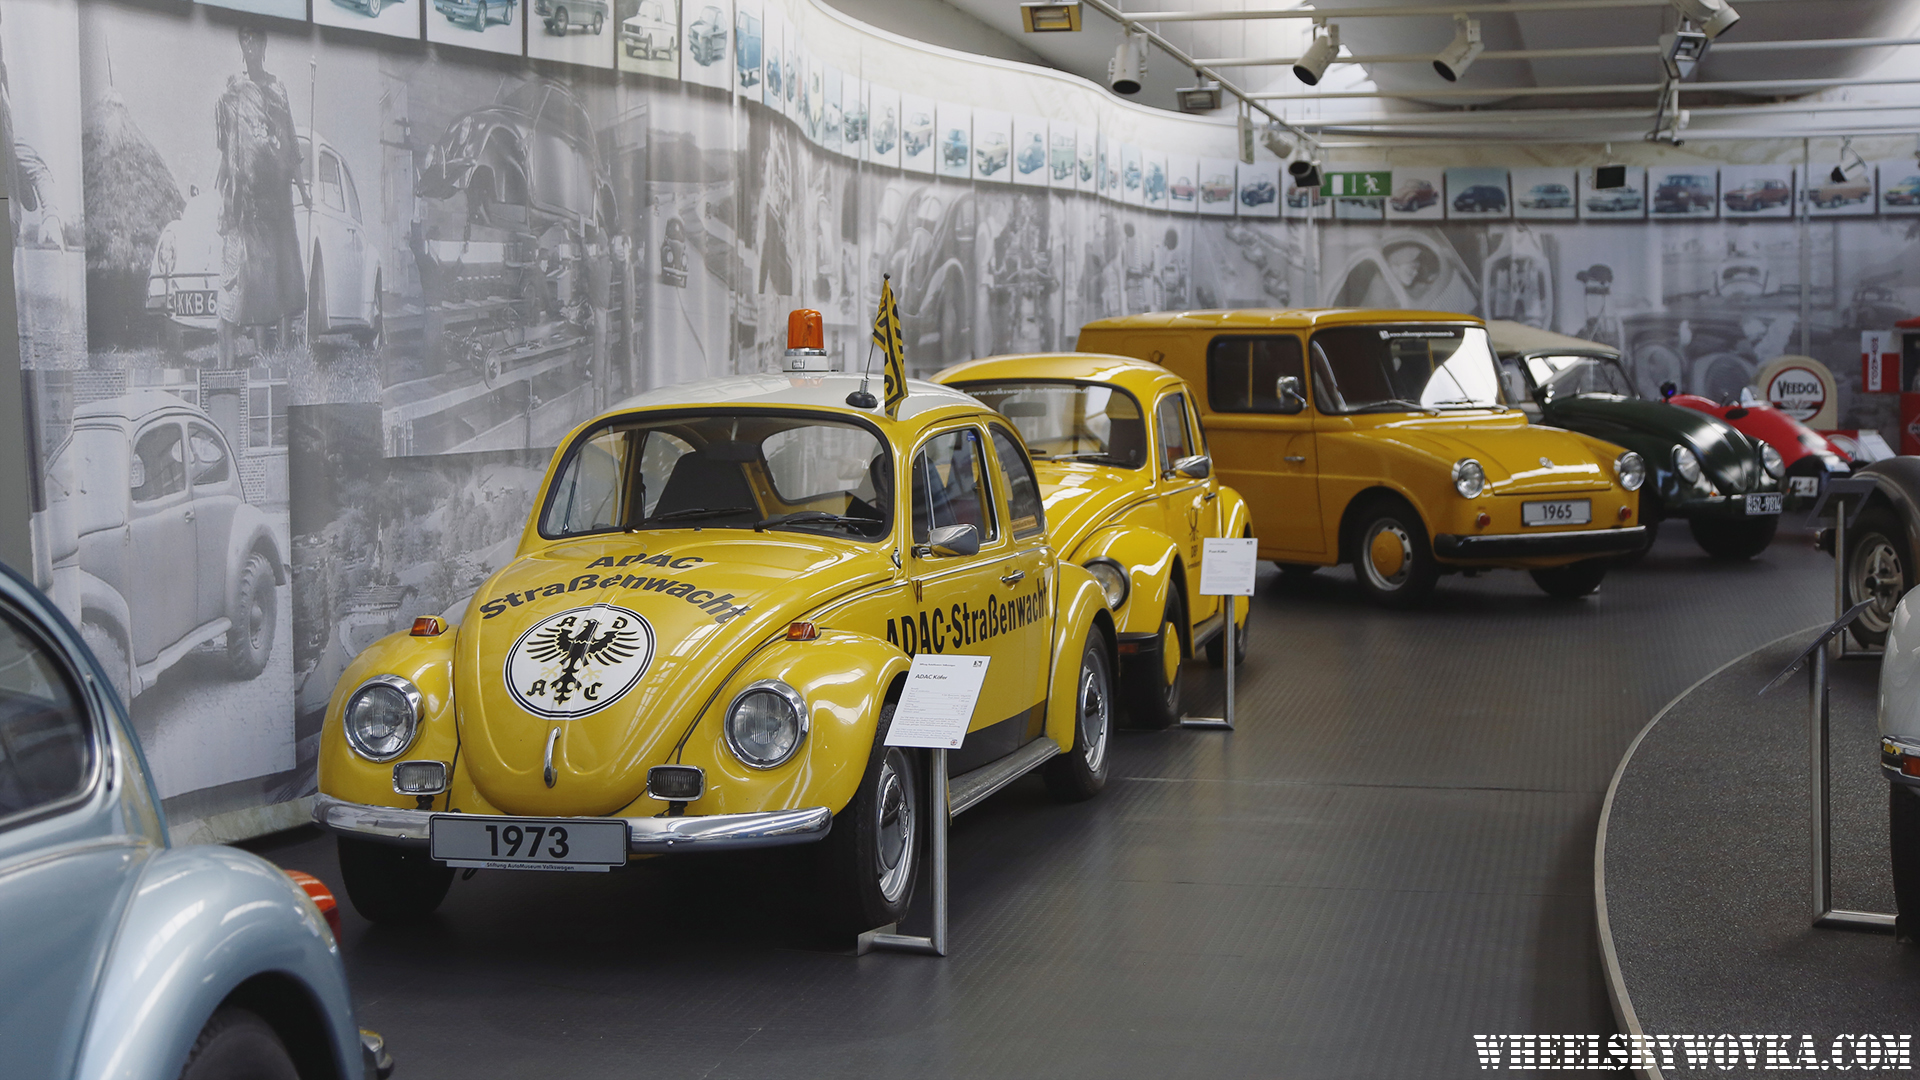 volkswagen-vw-museum-wolfsbourg-tour-by-wheelsbywovka-5